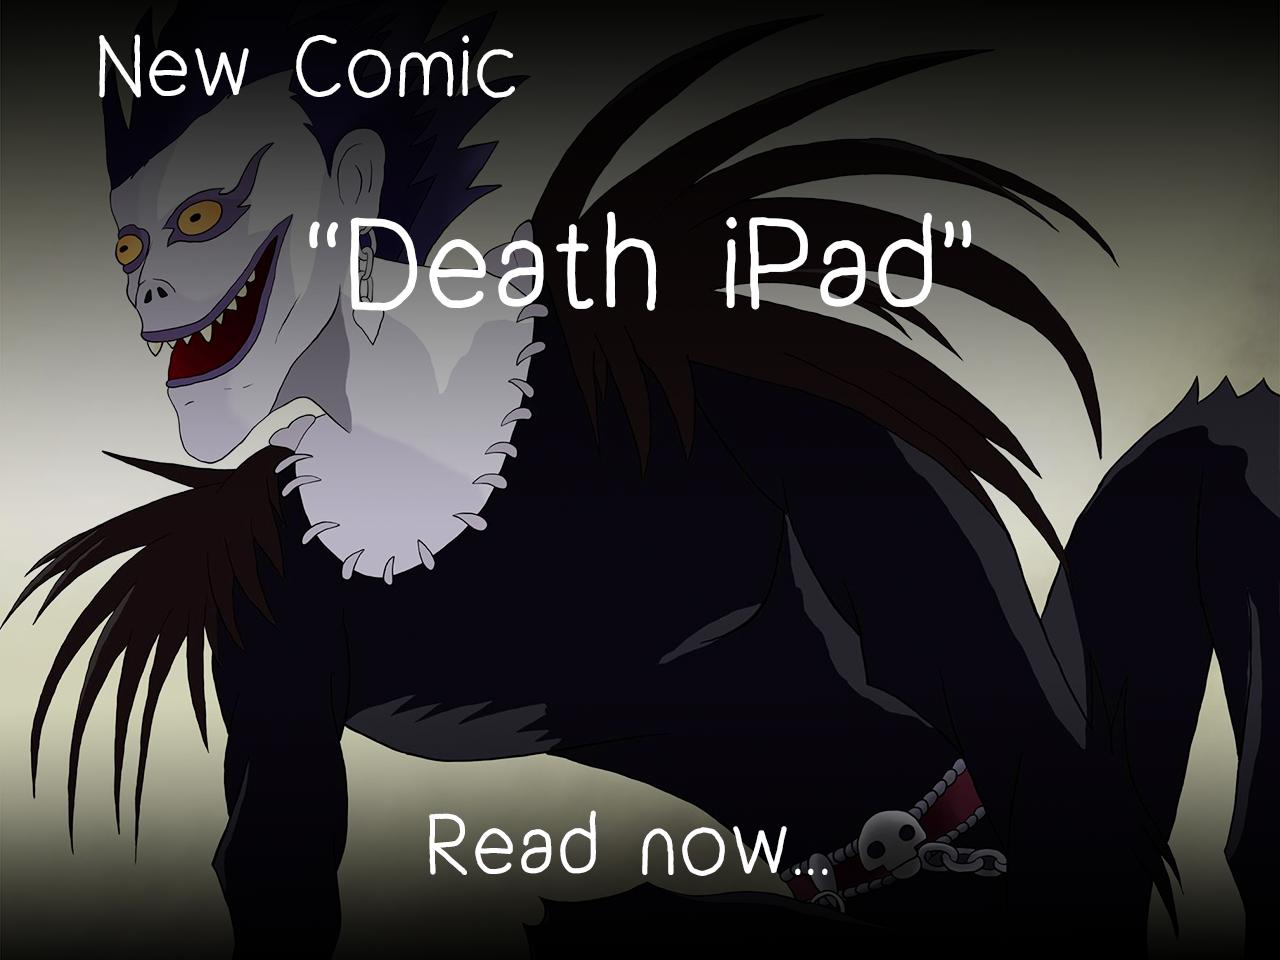 Death iPad